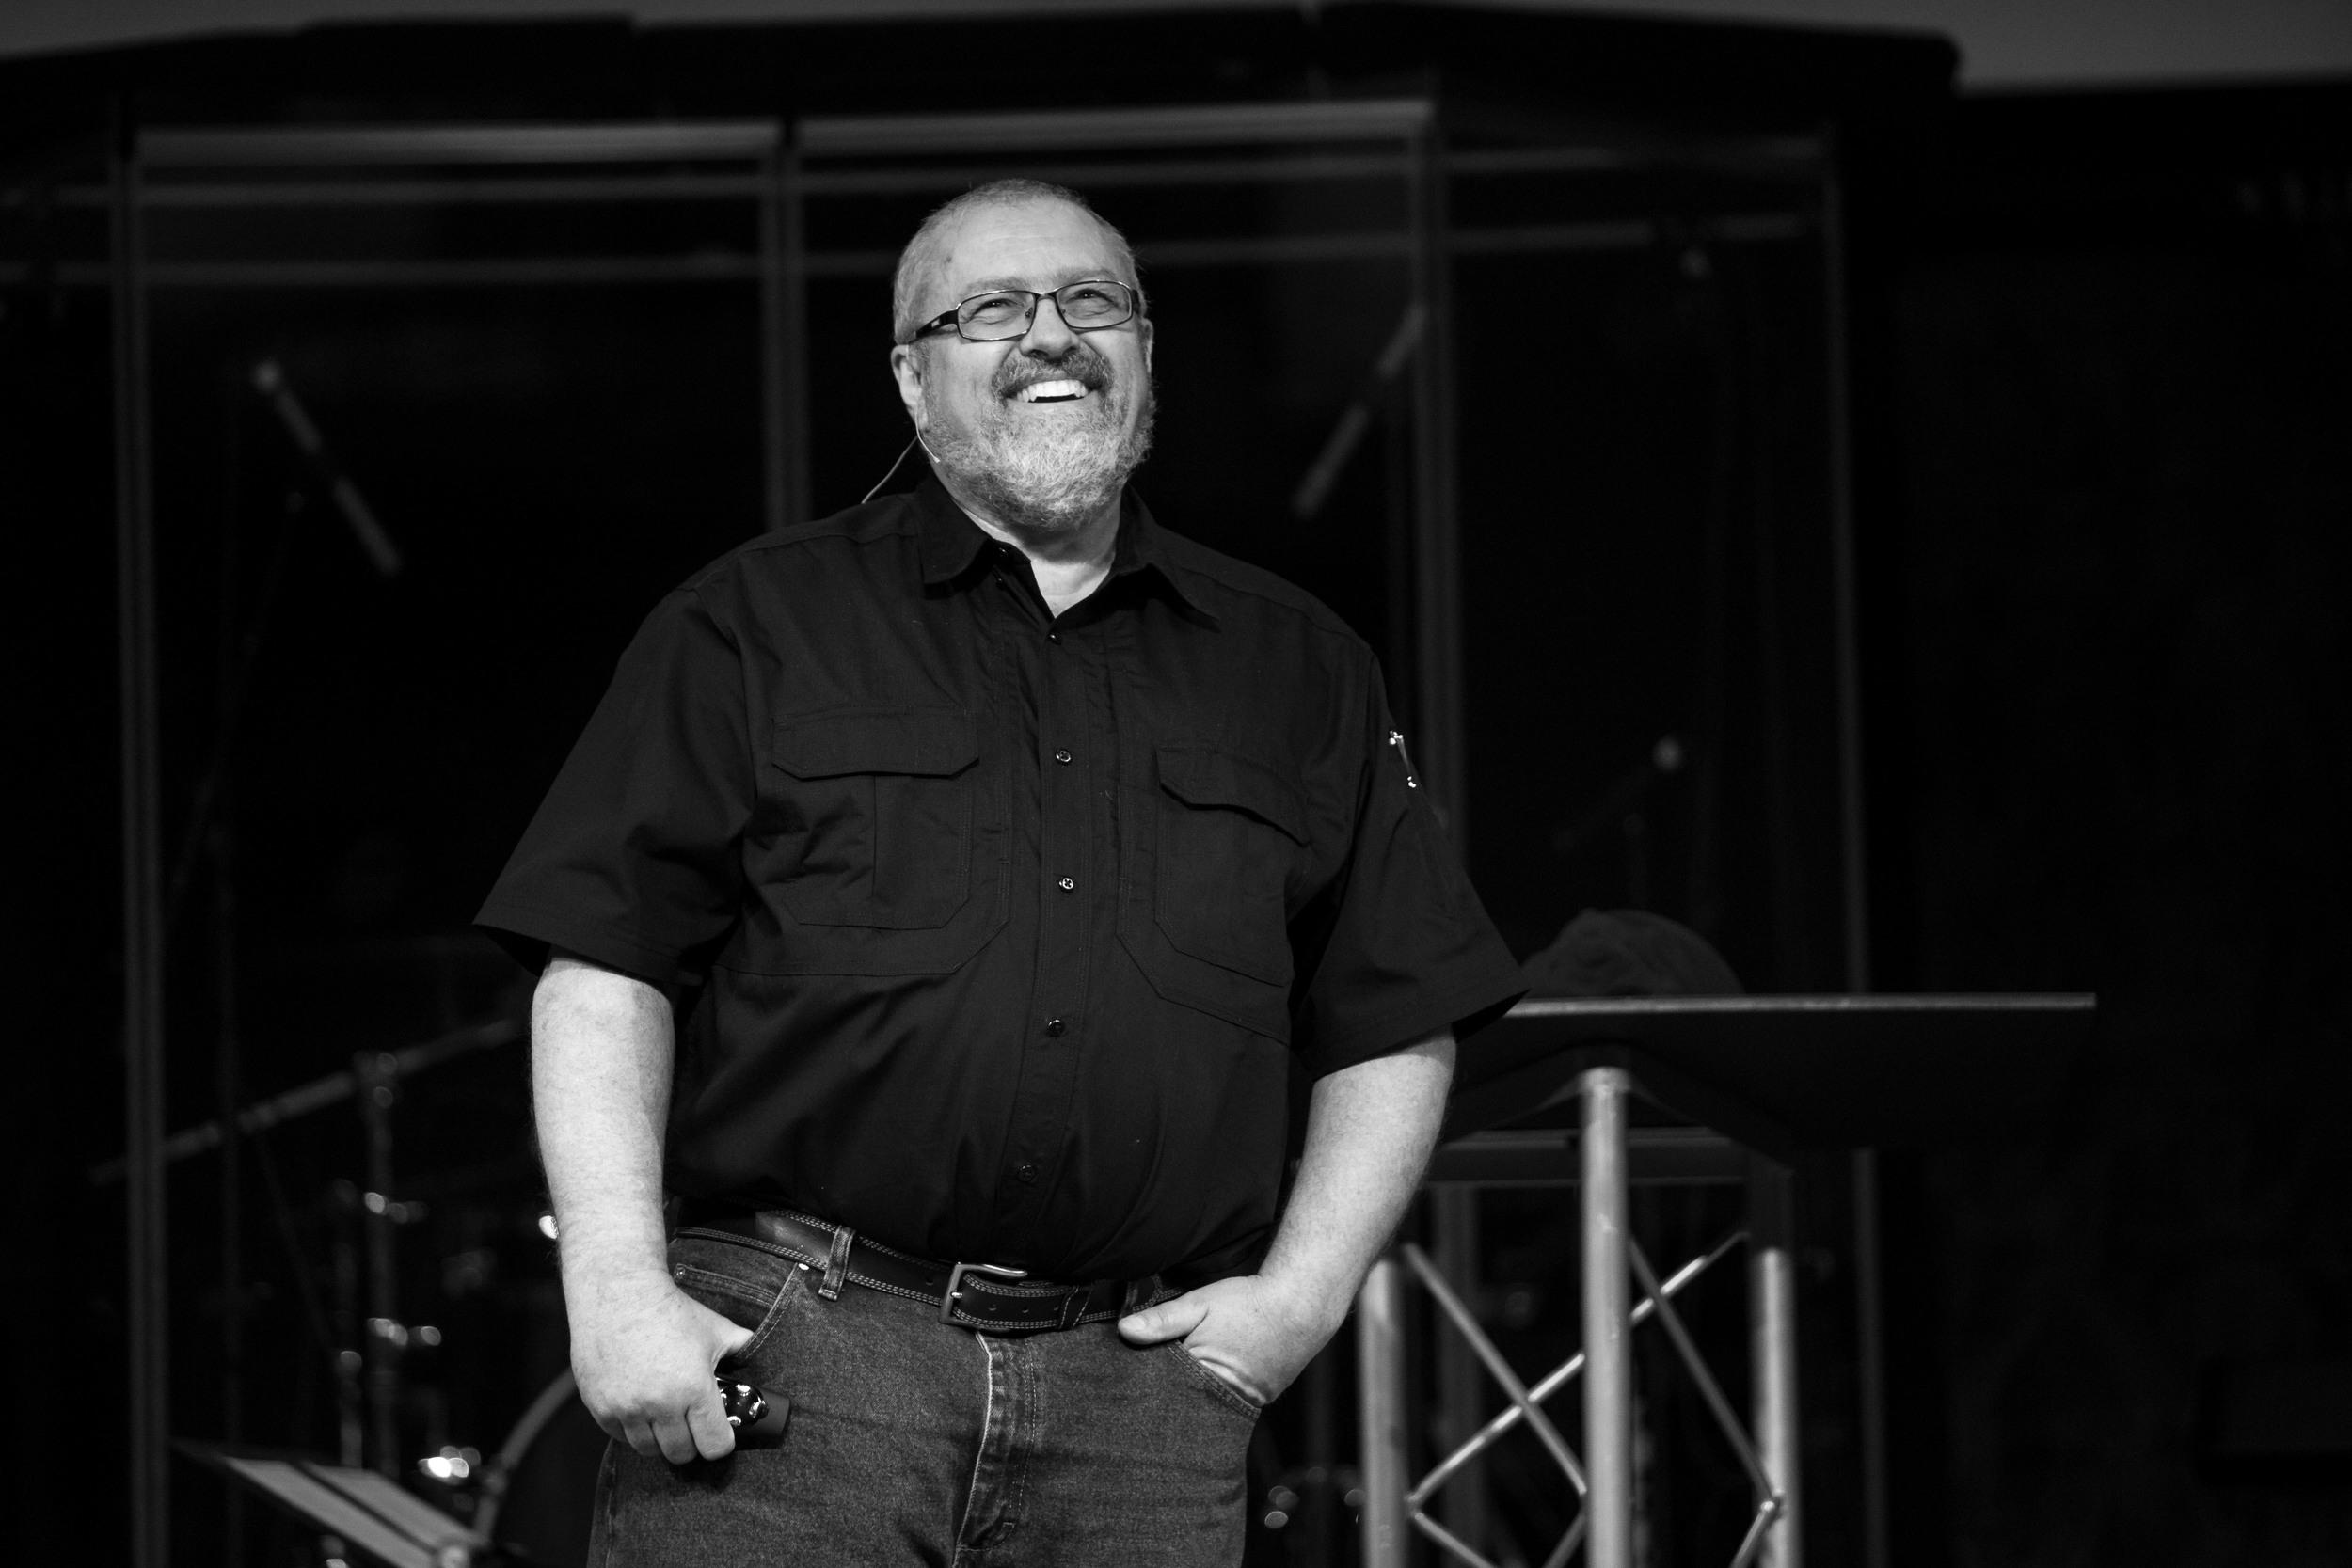 Church Security Expert Carl Chinn